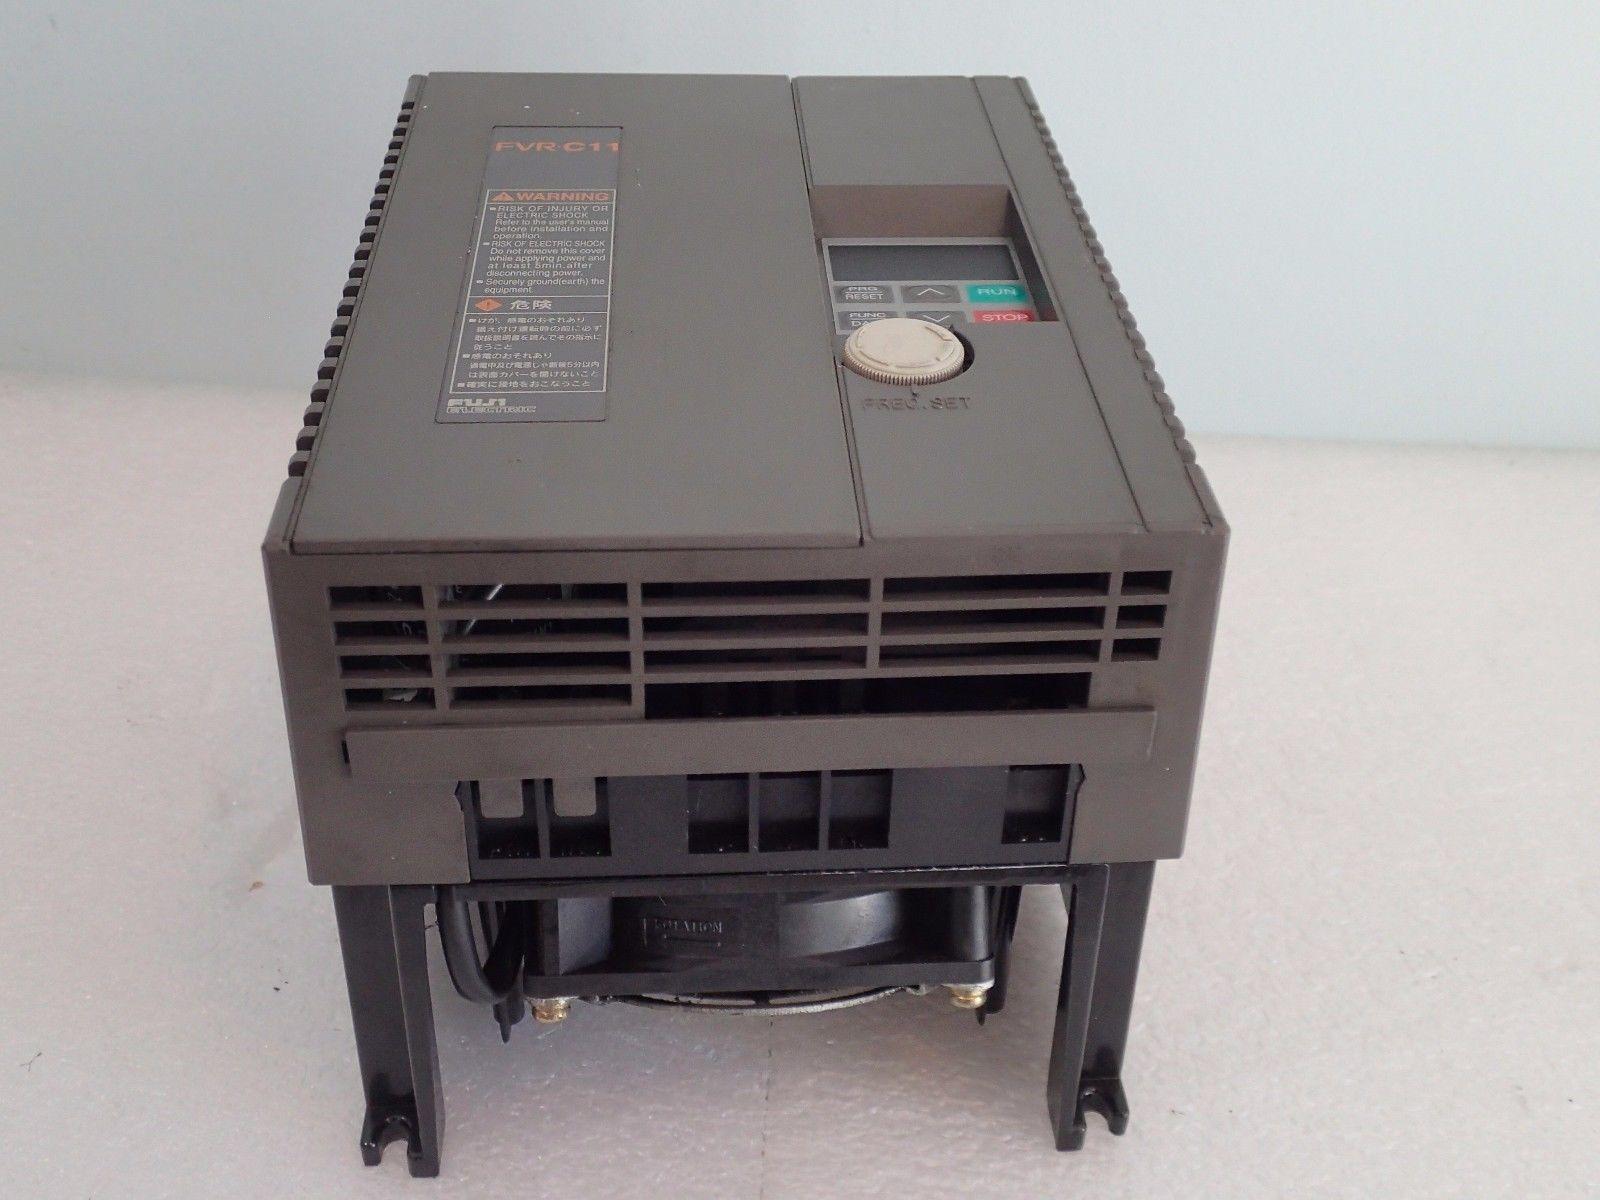 ... WARRANTY FUJI FVR-C11 INVERTER DRIVE FVR3.7C11S-2 3PH 200-230V ...